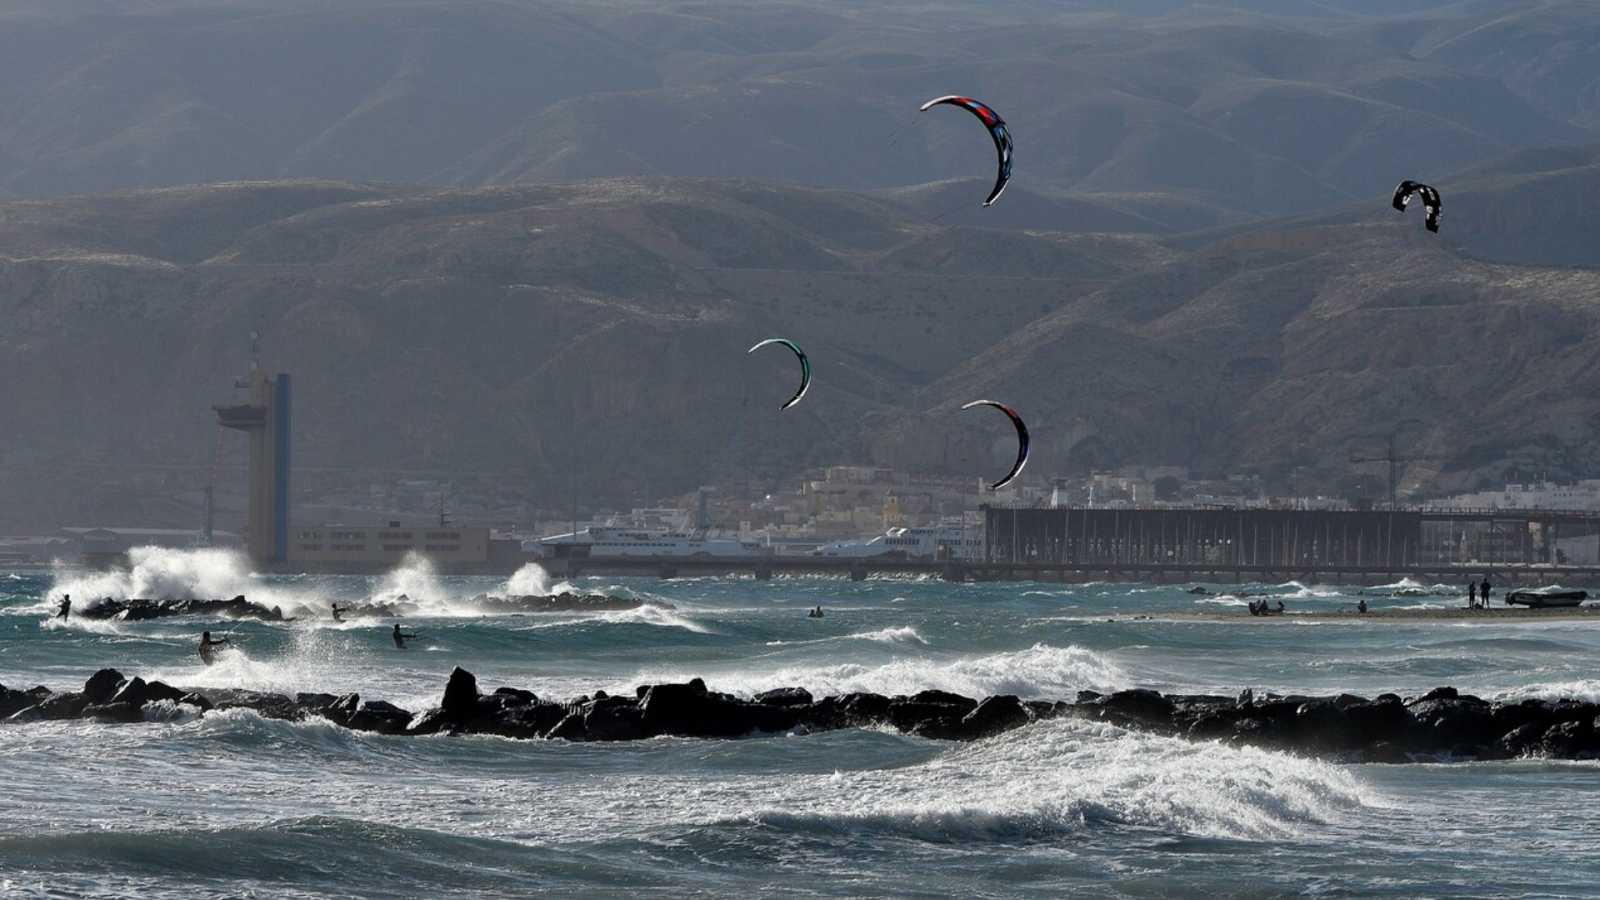 Intervalos de viento fuerte en Galicia, Cantábrico y Canarias. Precipitaciones que podrían ser localmente fuertes y persistentes en el extremo oeste de Galicia - ver ahora